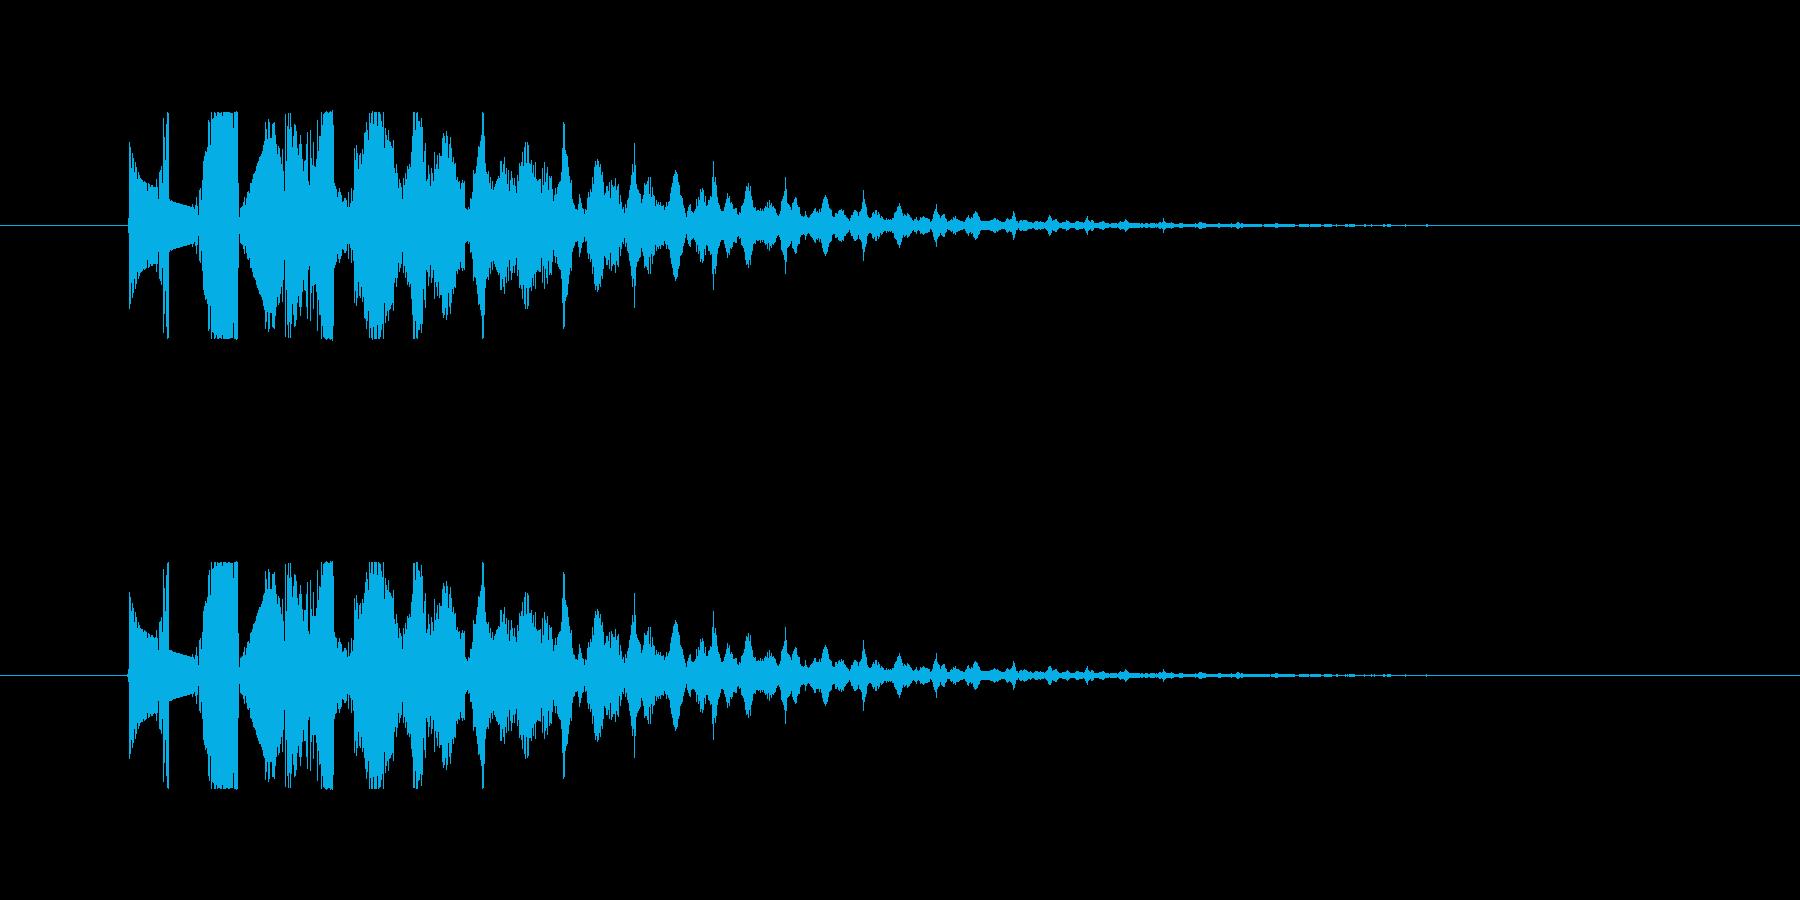 【魔法01-2】の再生済みの波形